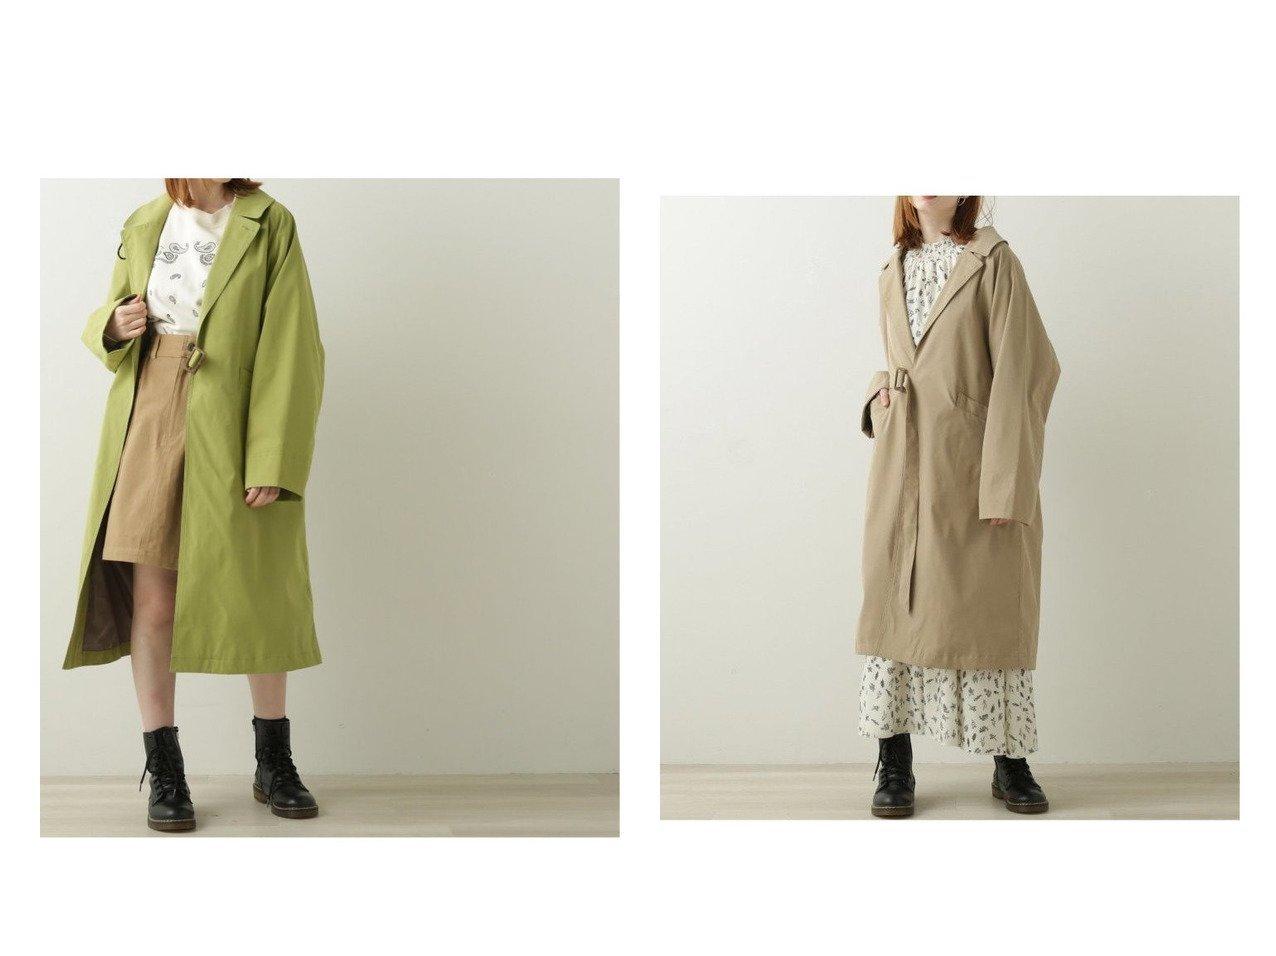 【DOUBLE NAME/ダブルネーム】のベルト付きゆるコート アウターのおすすめ!人気、トレンド・レディースファッションの通販 おすすめで人気の流行・トレンド、ファッションの通販商品 メンズファッション・キッズファッション・インテリア・家具・レディースファッション・服の通販 founy(ファニー) https://founy.com/ ファッション Fashion レディースファッション WOMEN アウター Coat Outerwear コート Coats ベルト Belts アウトドア オープントゥ サンダル シューズ ショルダー ショート スキニー スクエア ストレート スニーカー セットアップ センター デニム バレエ パーカー フレア プリーツ ボンディング ポケット メッシュ リネン リラックス ロンパース ワイド ワッフル |ID:crp329100000024029